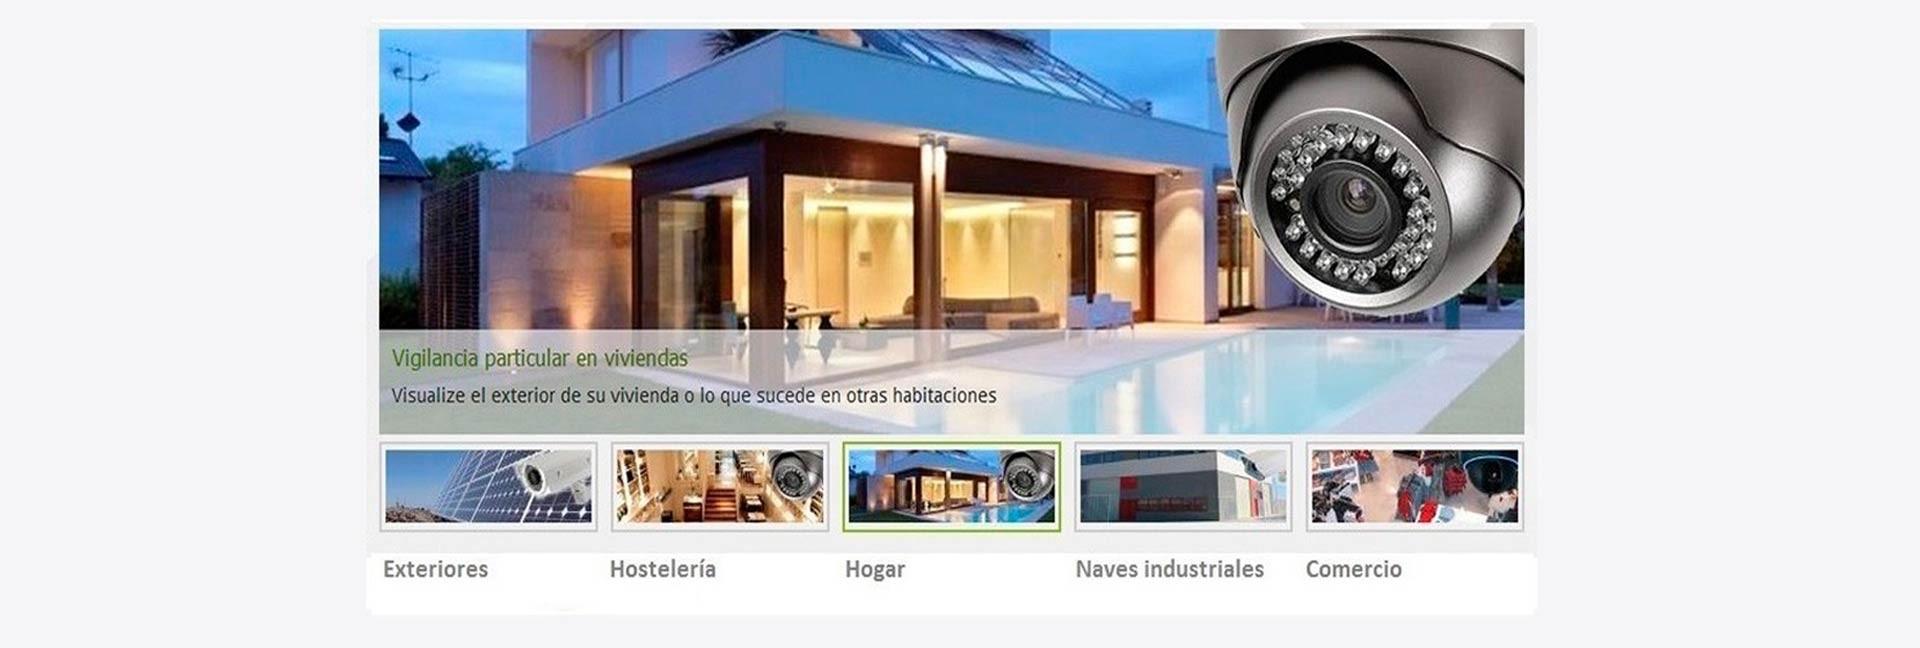 Comprar kits de camaras para hogar wifi y viviendas HD IP online. Tienda de camaras de seguridad para casa y hogar